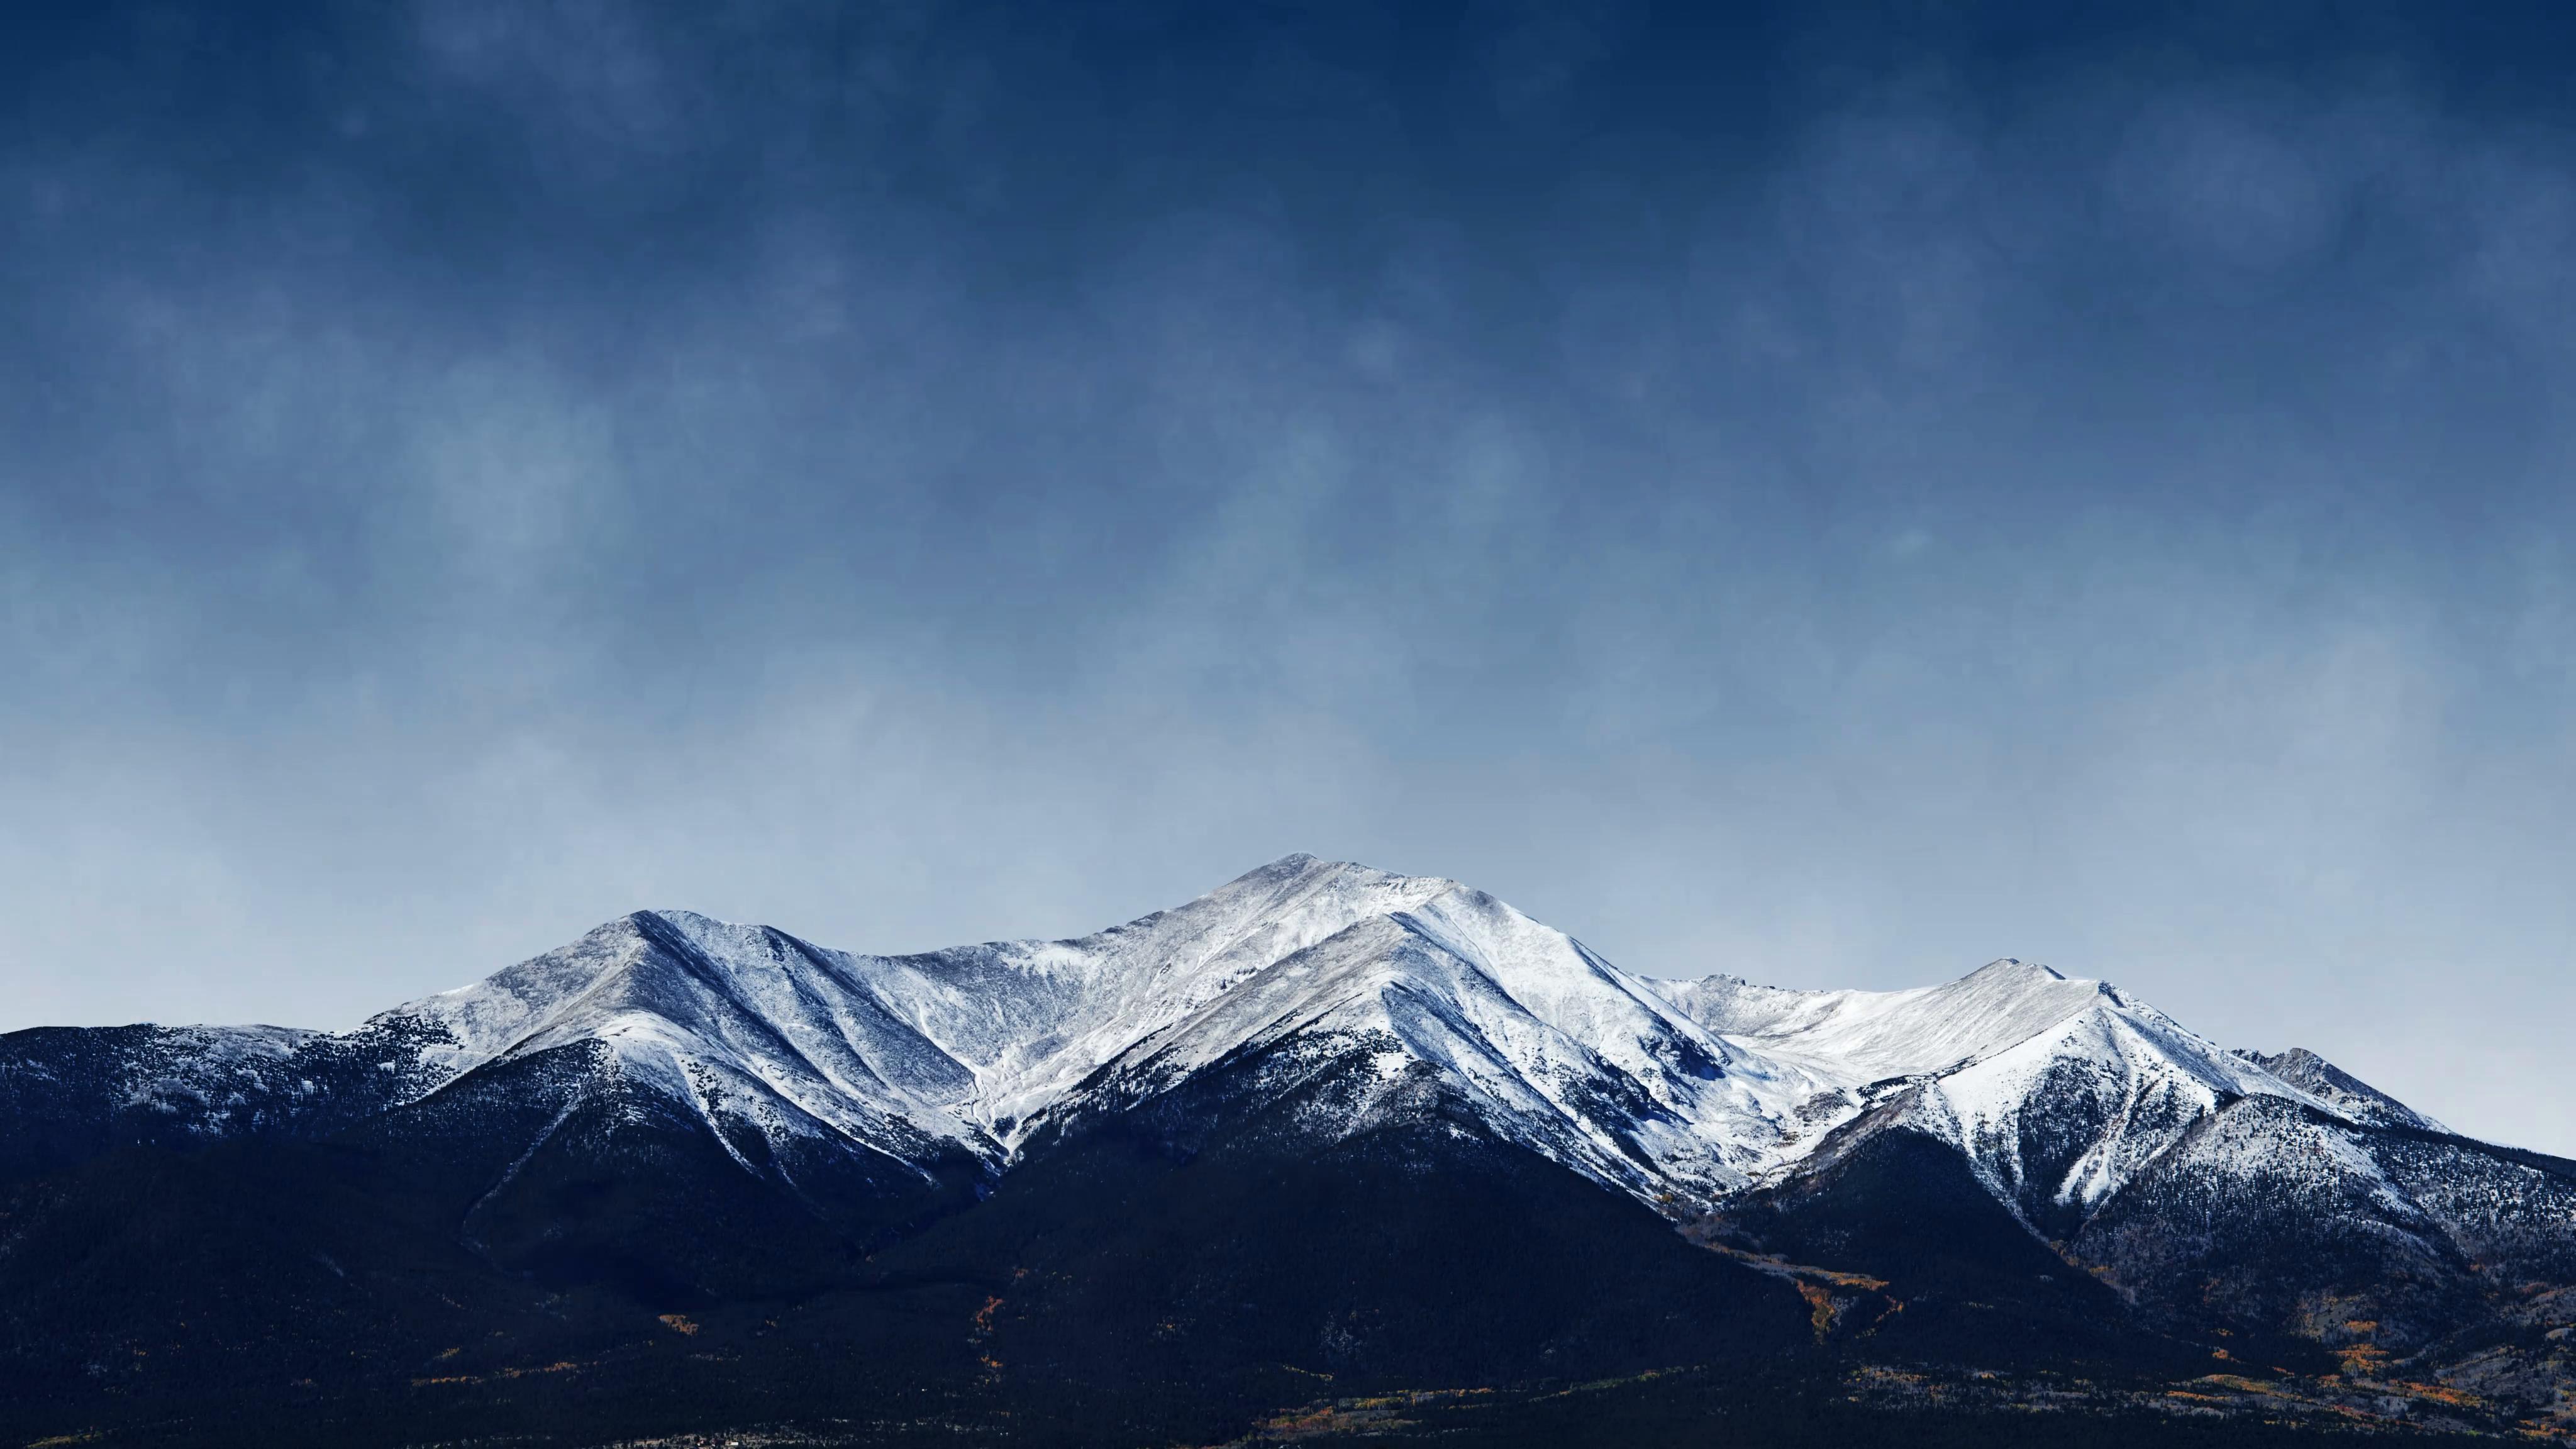 Ảnh Background núi tuyết đẹp